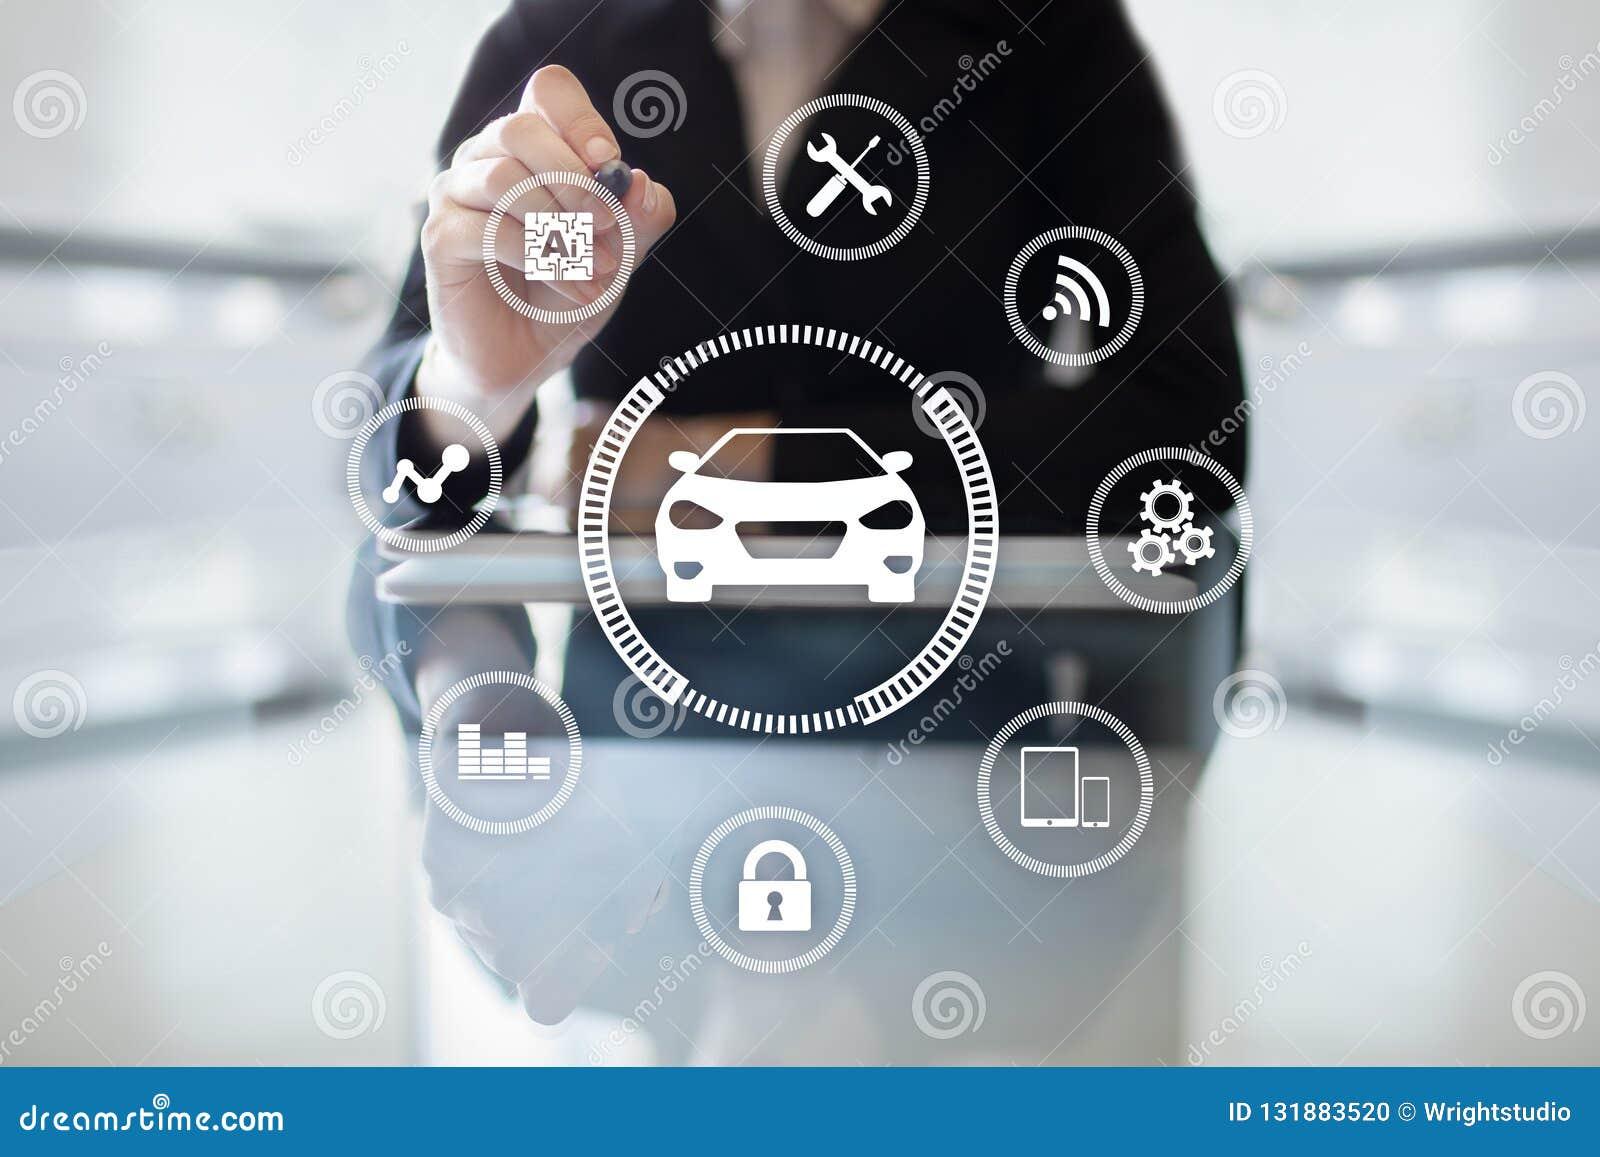 Intelligent bil, AI-medel, smart kort Symbol av bilen och symbolen Modern trådlös kommunikation och IOT-begrepp